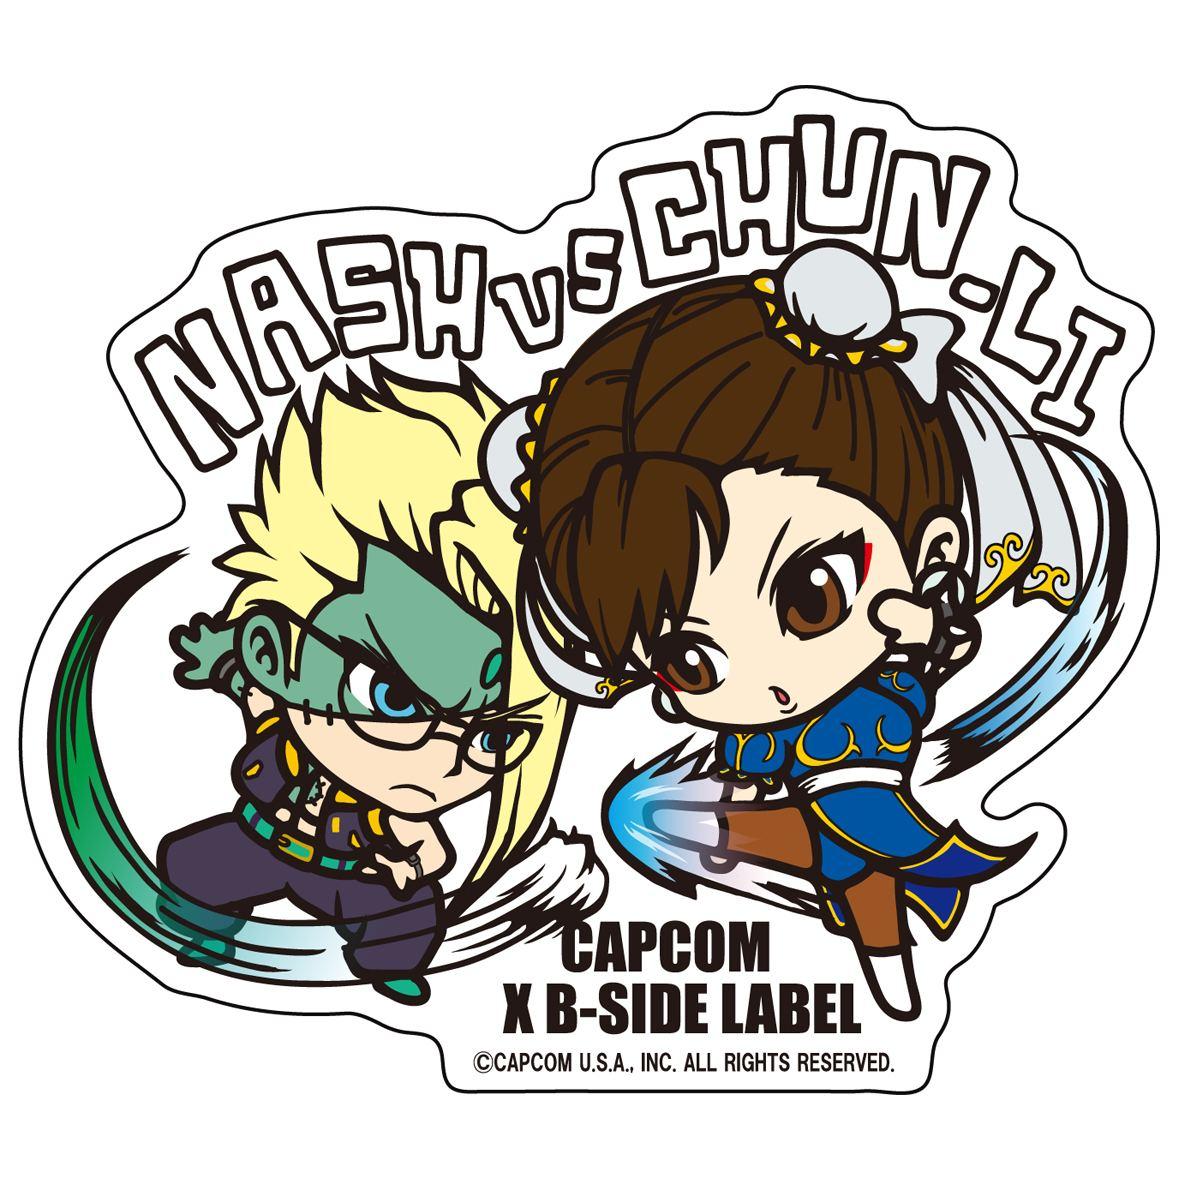 Capcom X B-Side Label Sticker L Street Fighter: Nash Chun-Li